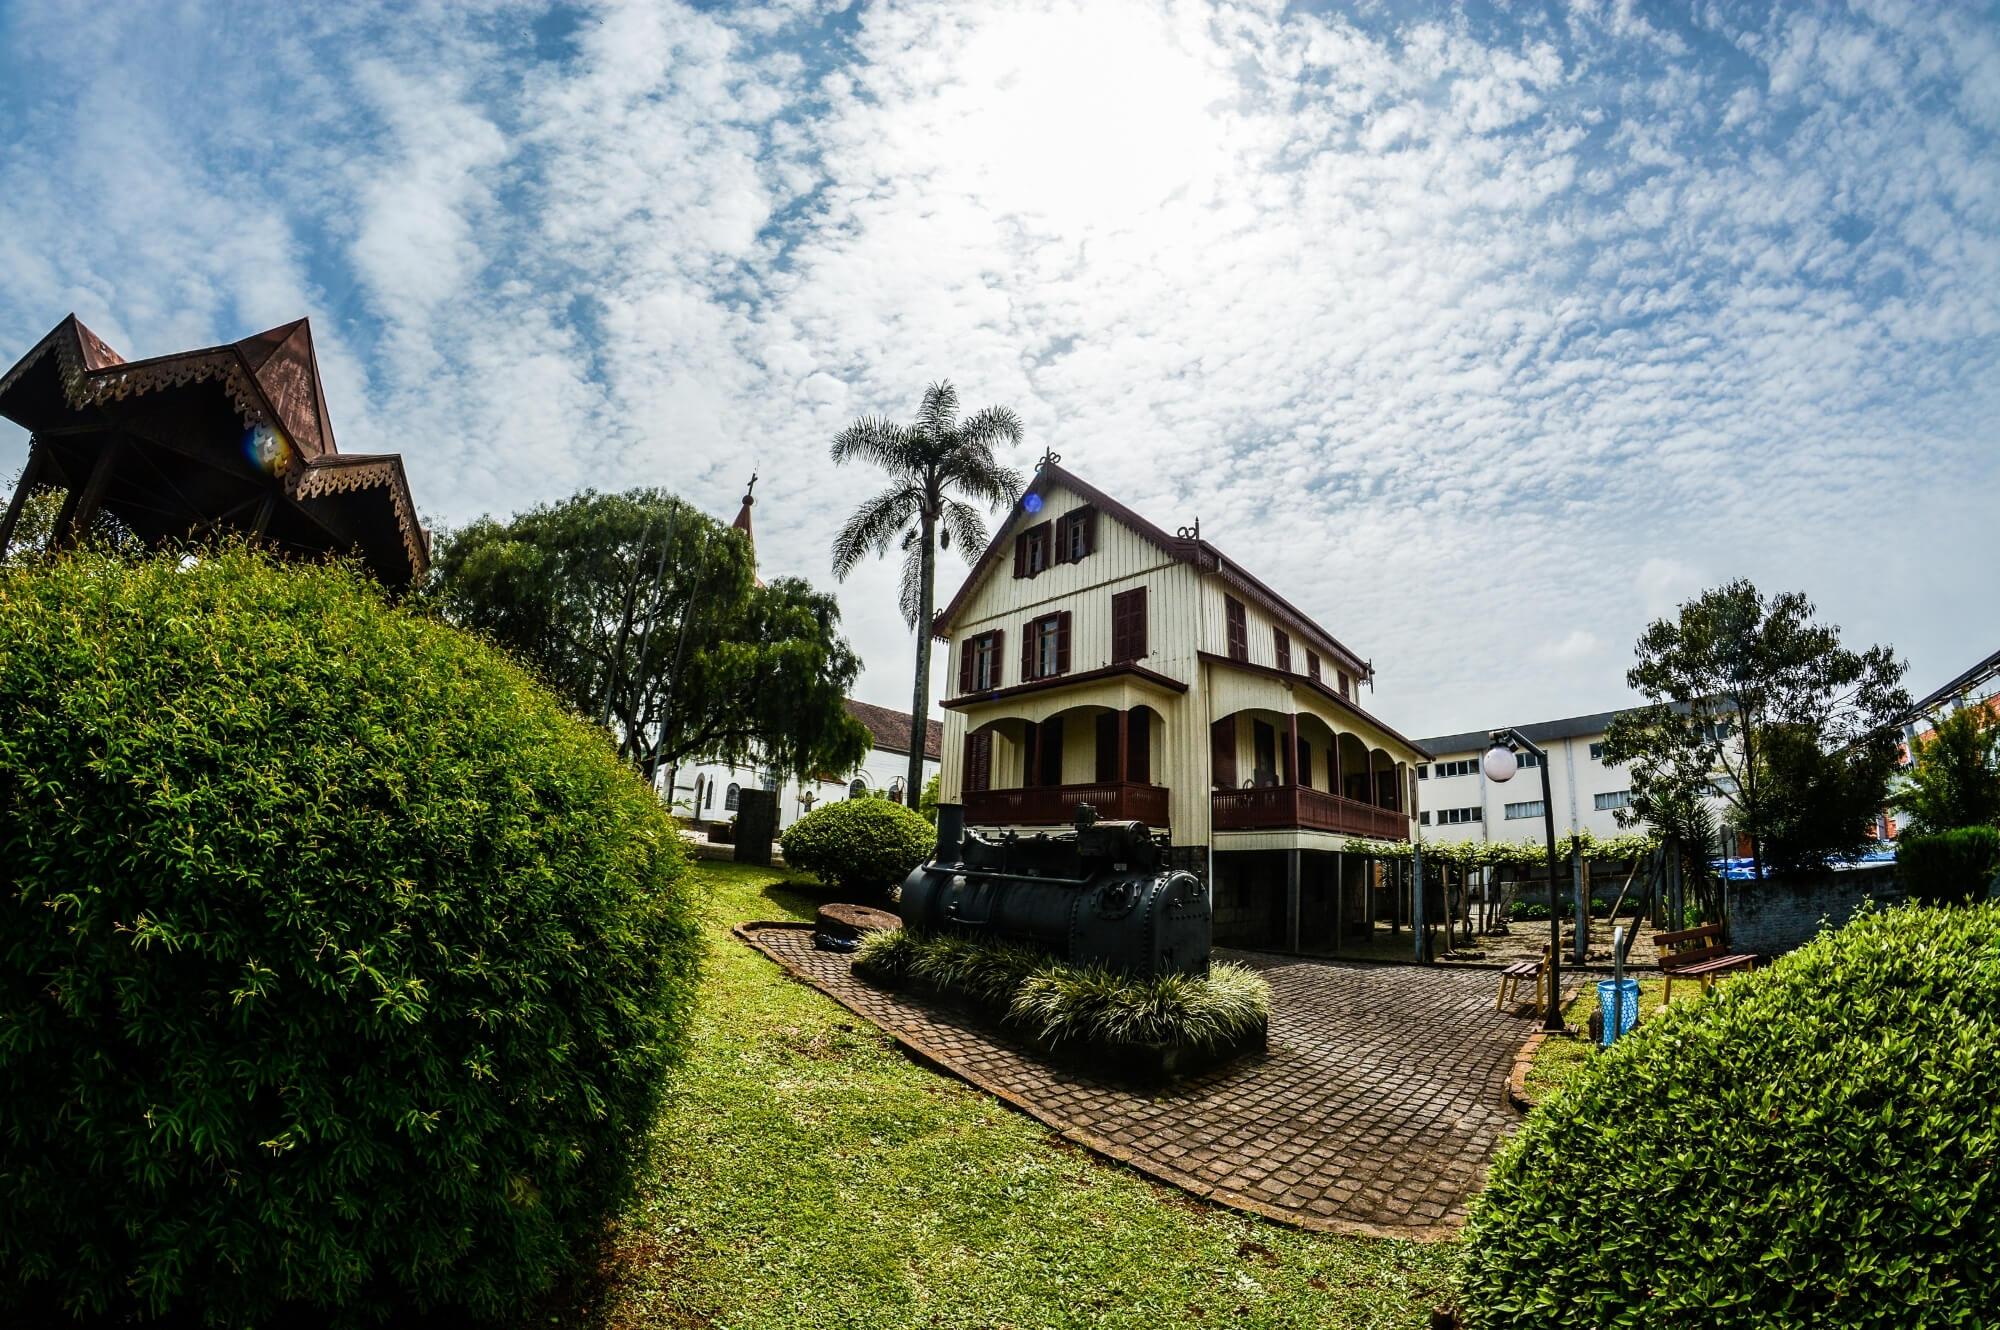 Museu do Vinho Mário Pellegrin